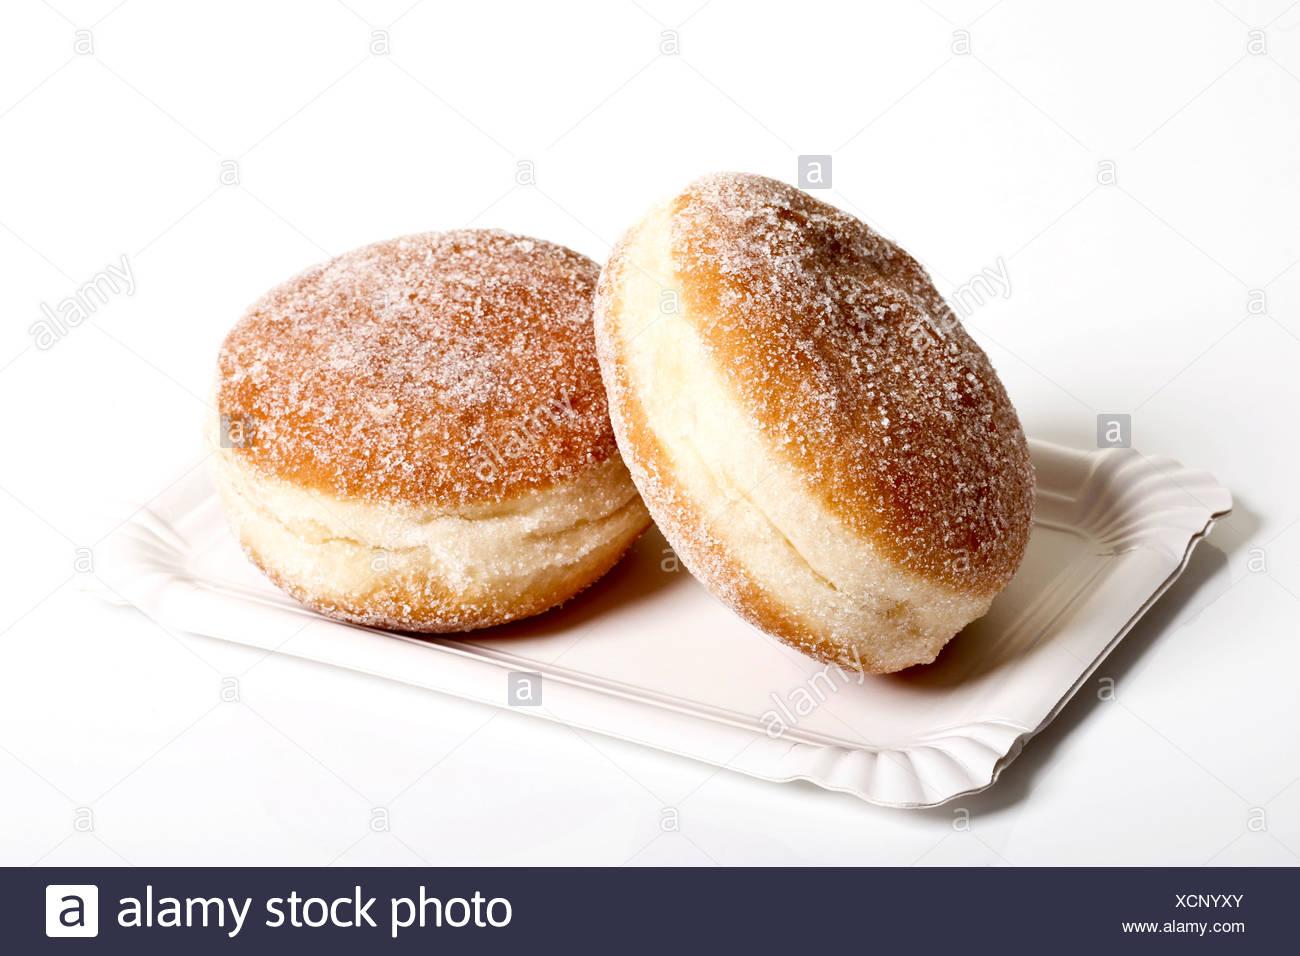 Zwei Marmelade Krapfen auf einem Pappteller Stockbild